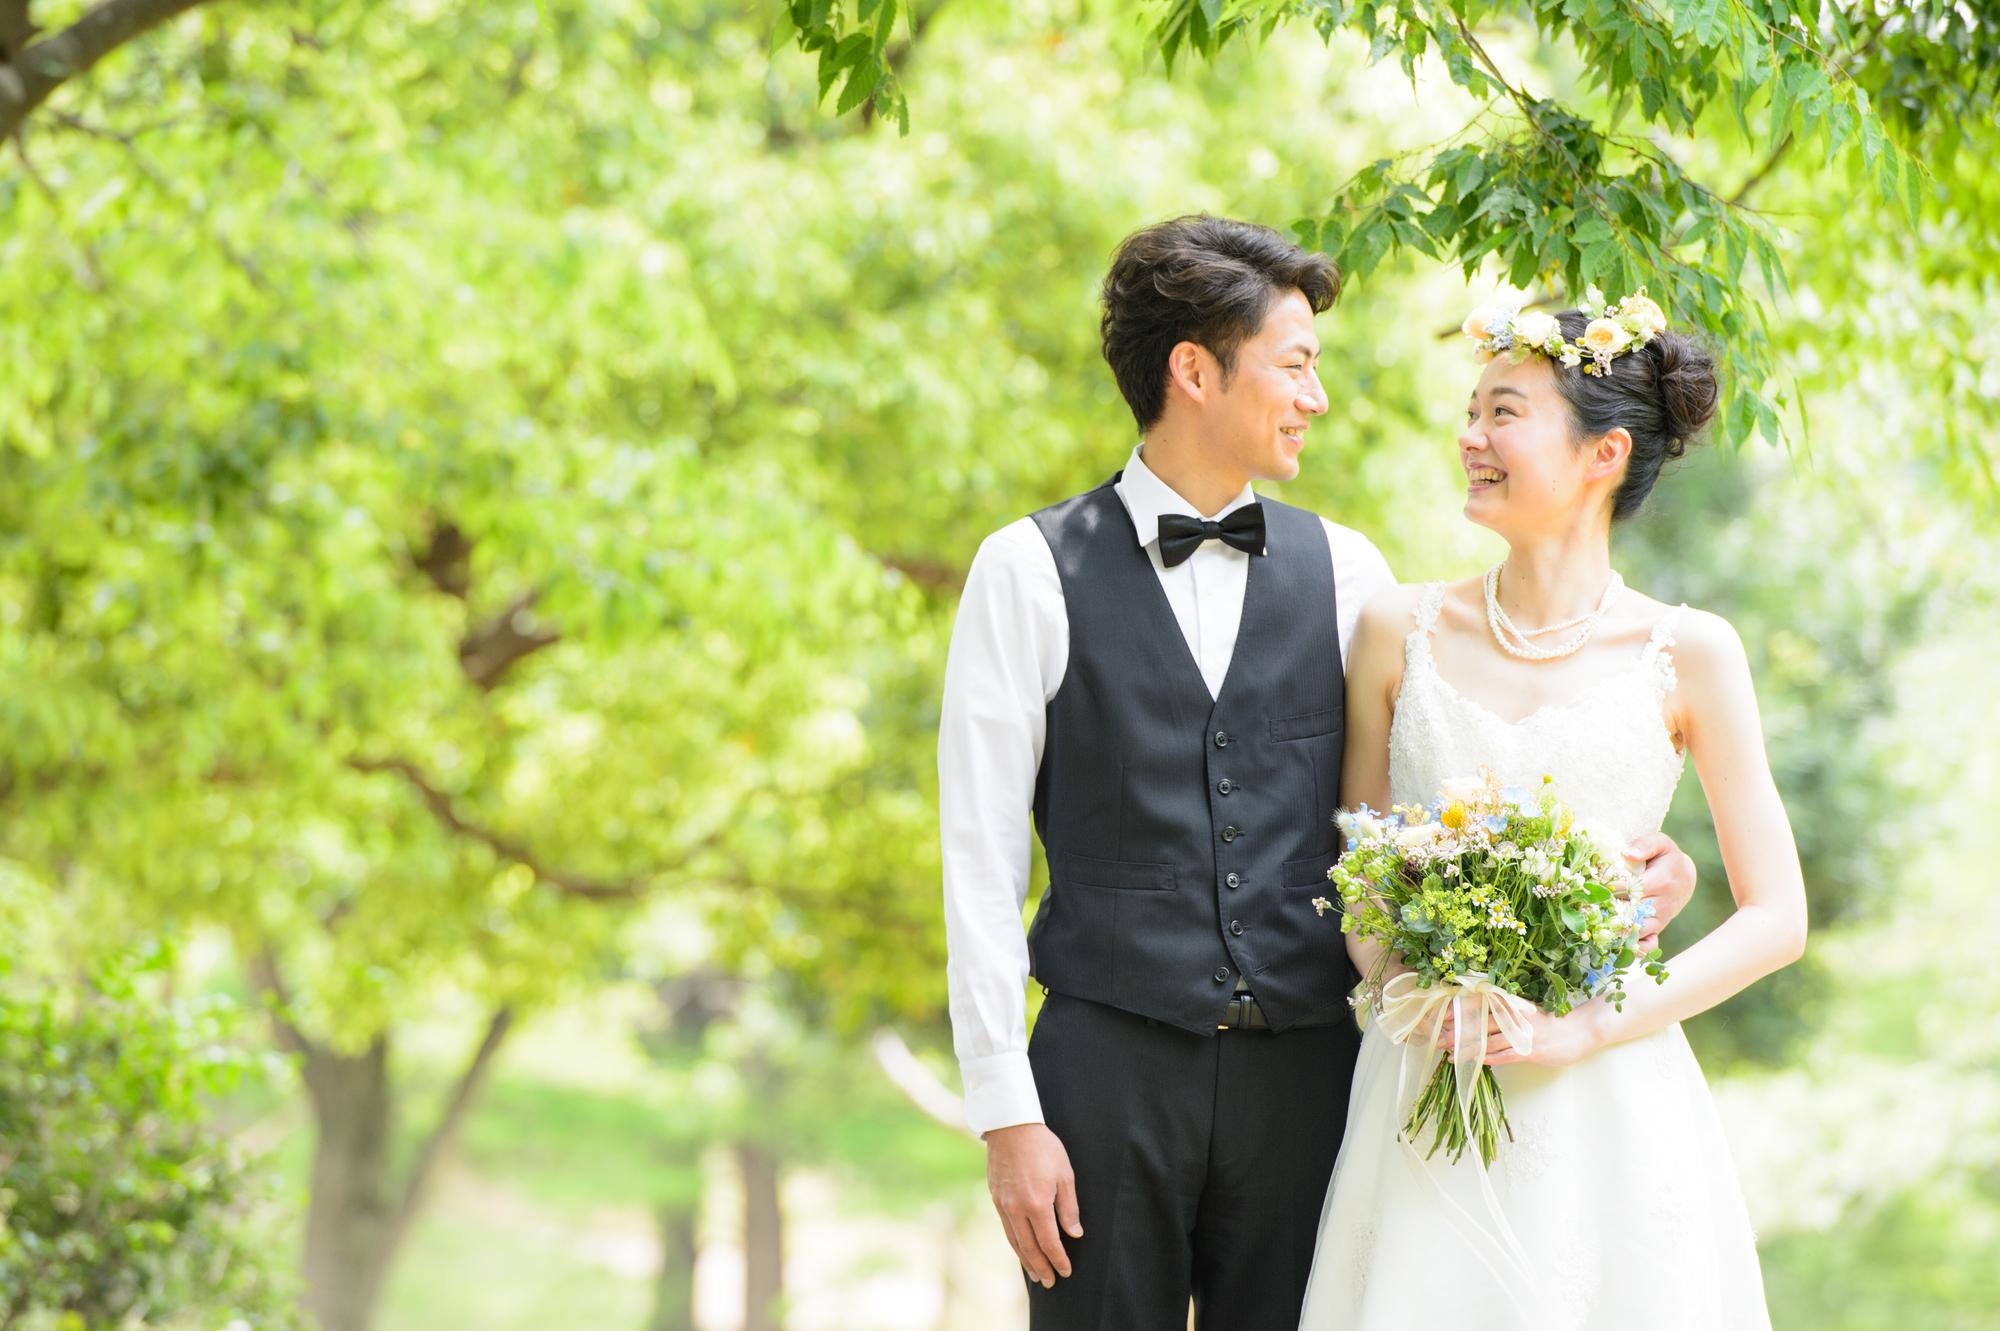 結婚を機に引越しする人必見!結婚での引越し手続きの流れ